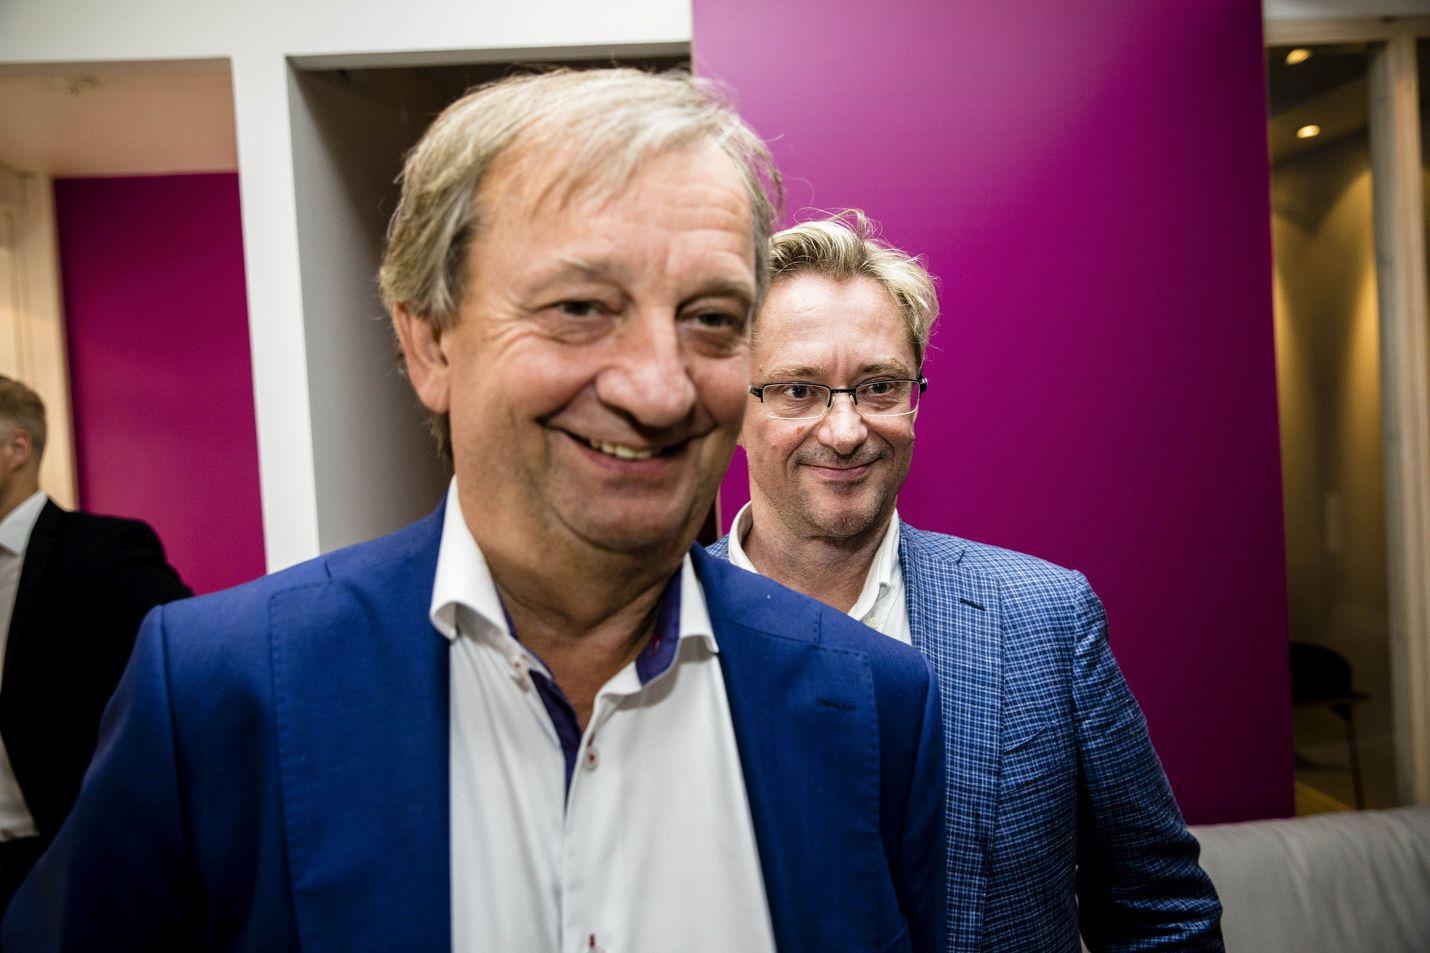 Hjallis Harkimon kirja julkistettiin Liike Nyt -liikkeen uusissa tiloissa Helsingin Kampissa syyskuussa 2018. Taustalla on taustavaikuttaja Mikael Jungner.